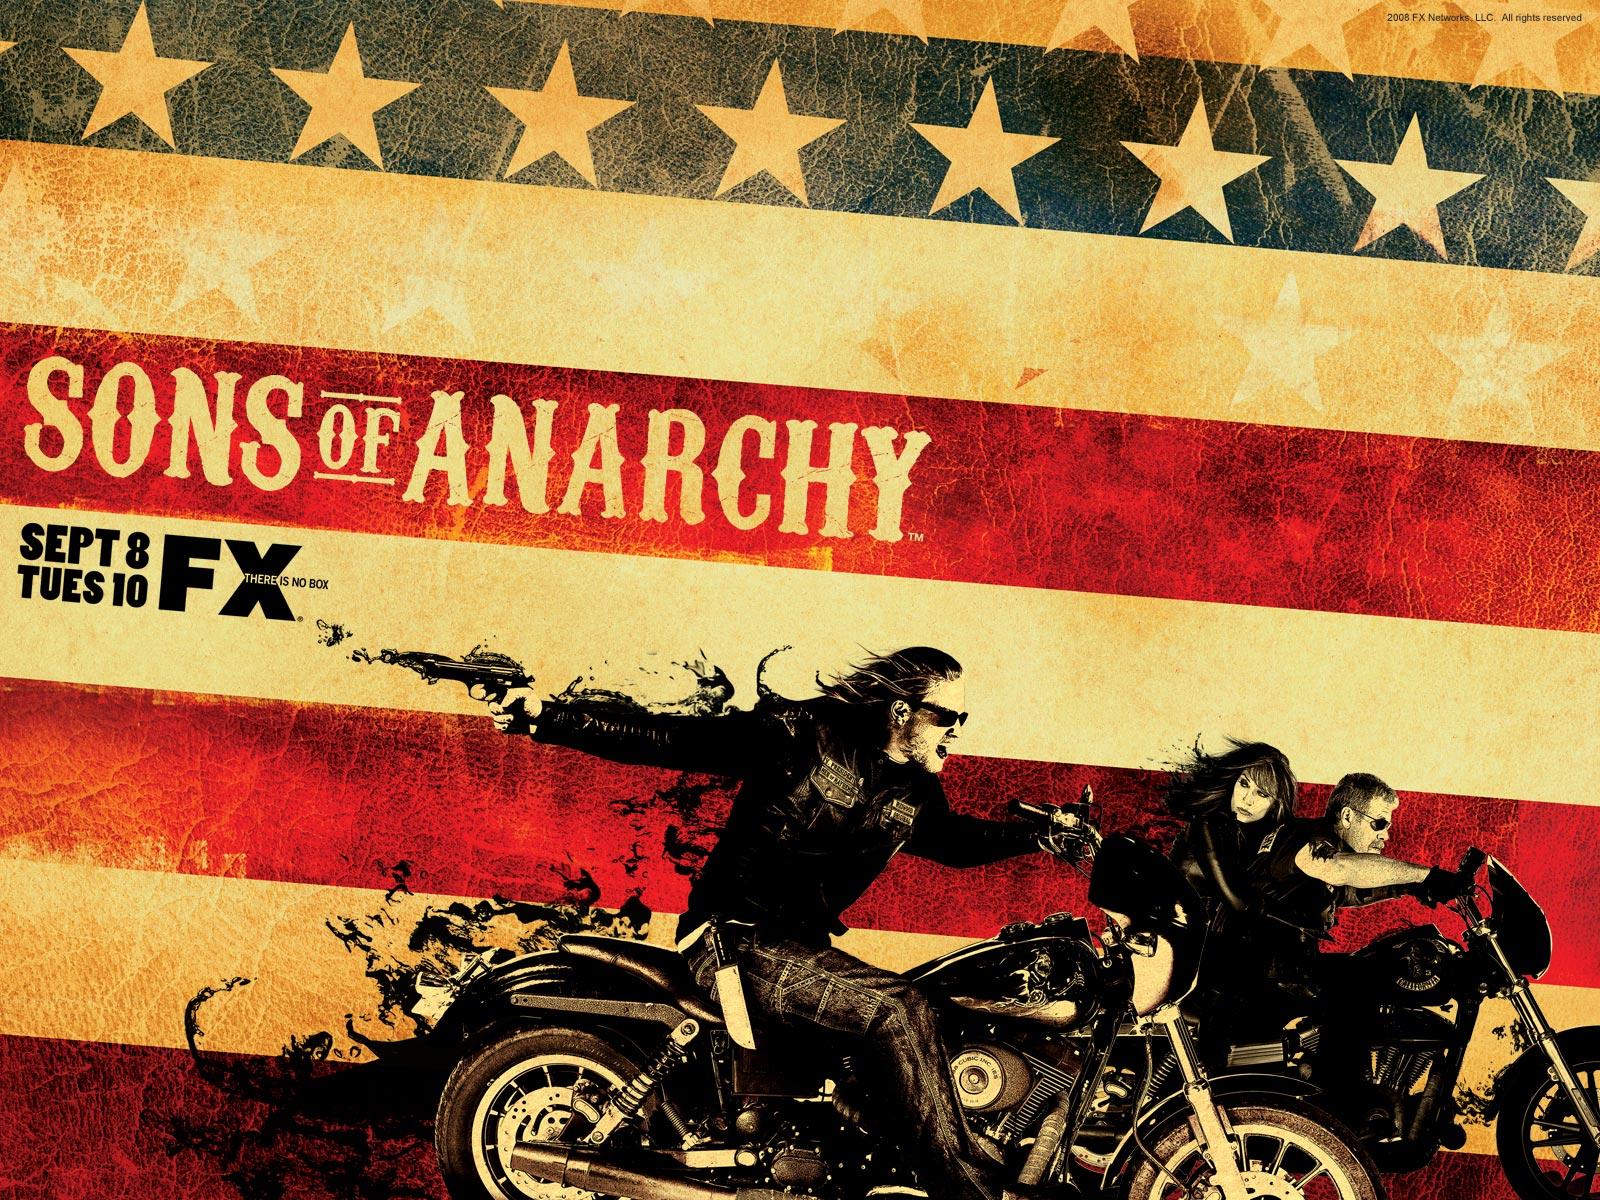 http://2.bp.blogspot.com/-TuG9URBBi6Q/TwLxpAvhWjI/AAAAAAAABgc/XPzcz0LUEhQ/s1600/sons-of-anarchy-hd-3-796253.jpg